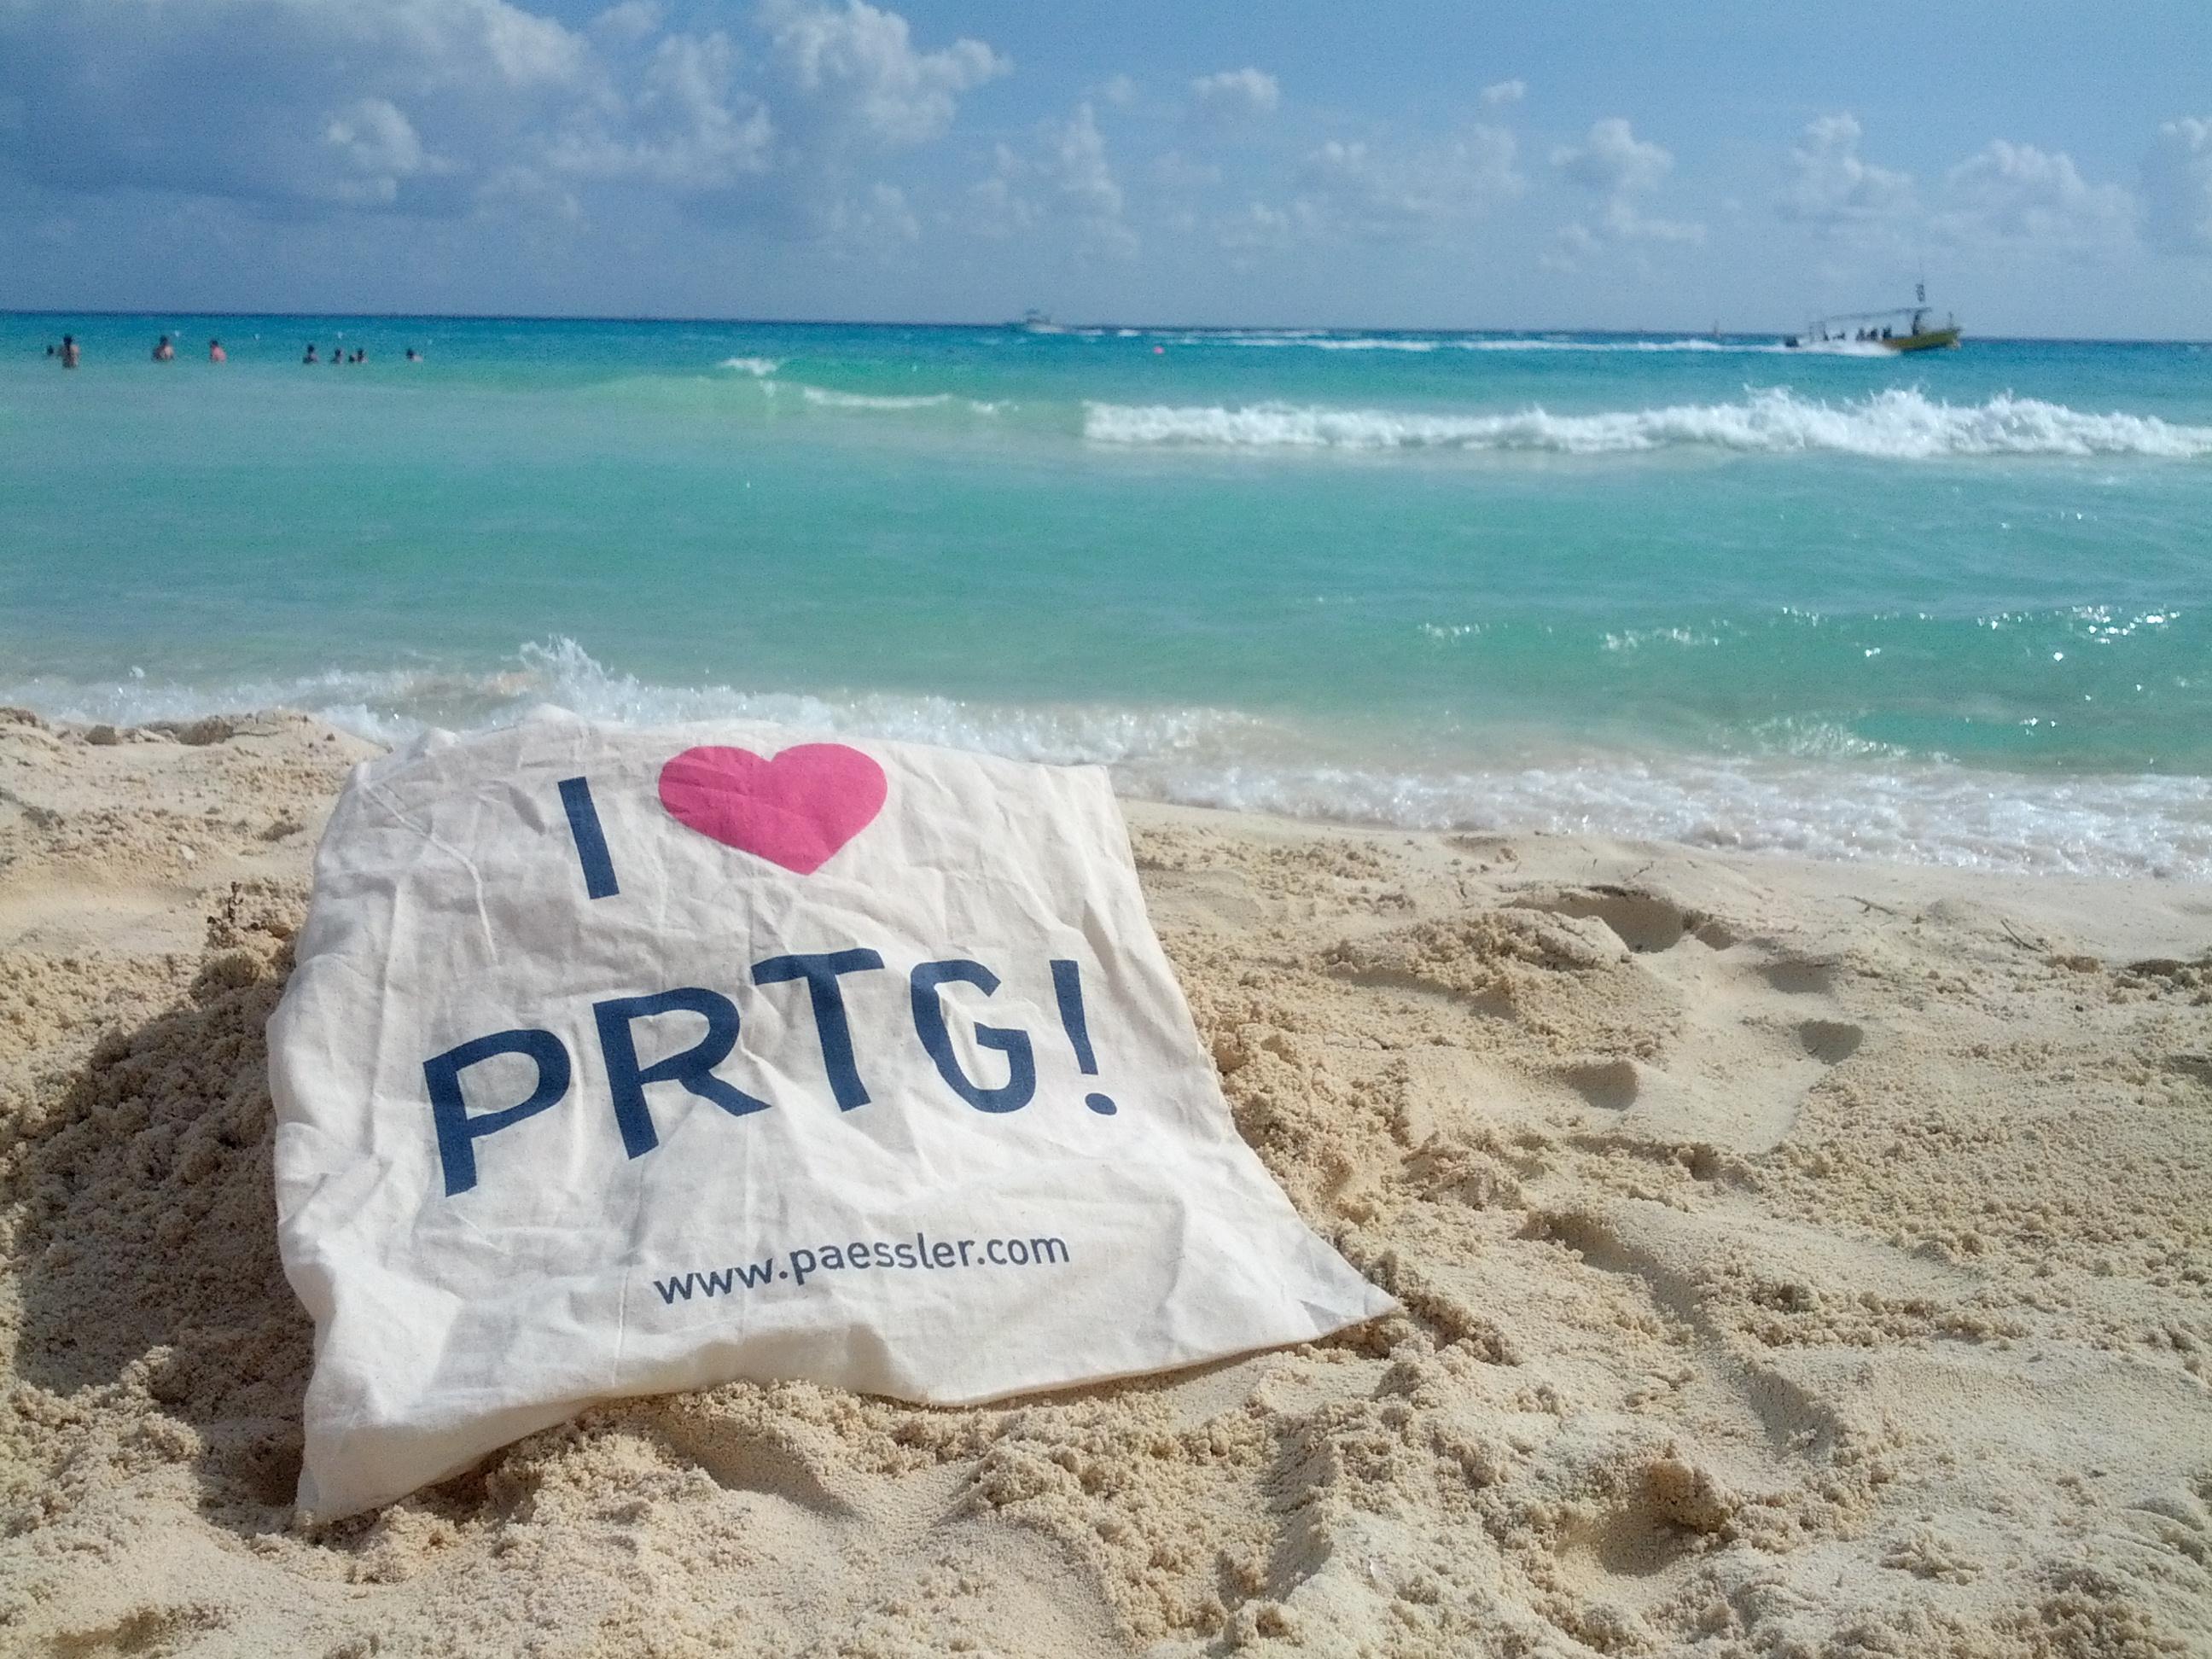 PRTG in Playa del Carmen, Mexico